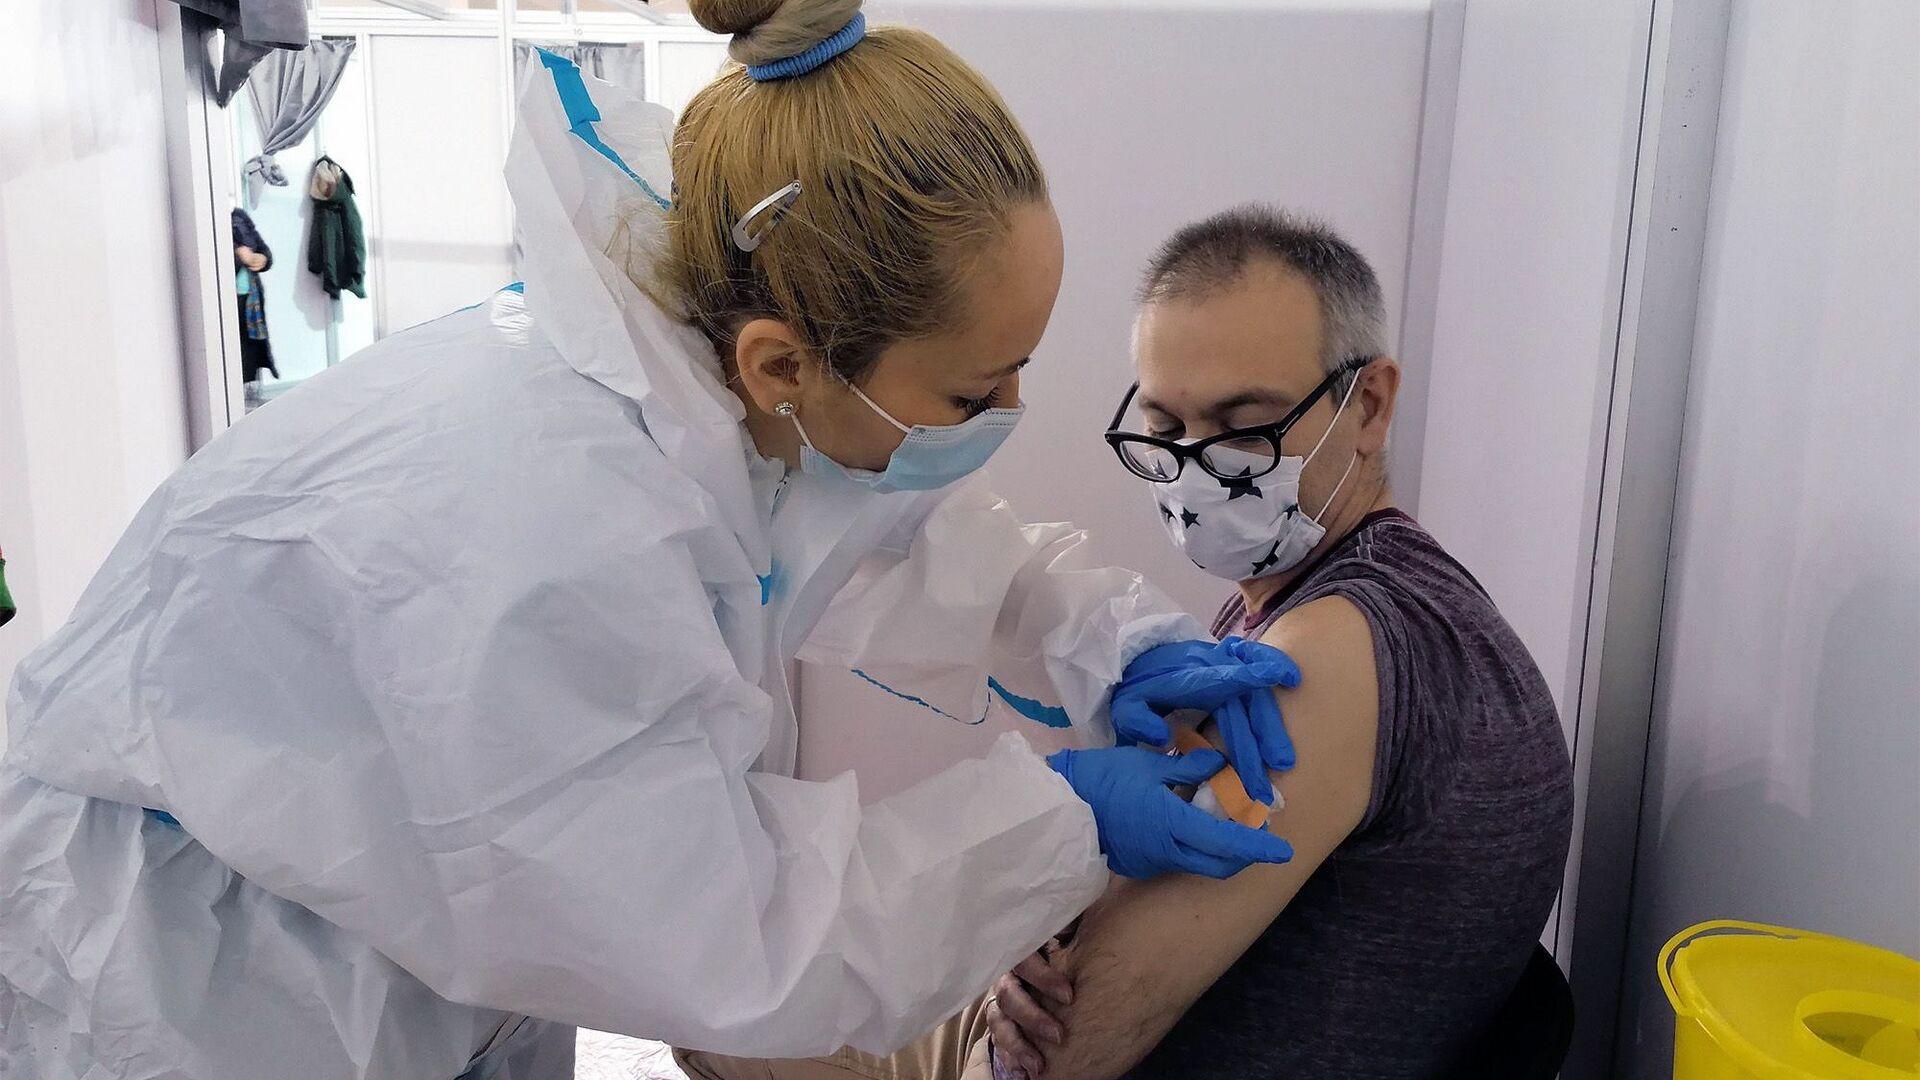 La campagna di vaccinazione in Serbia con il vaccino Sputnik V - Sputnik Italia, 1920, 22.02.2021